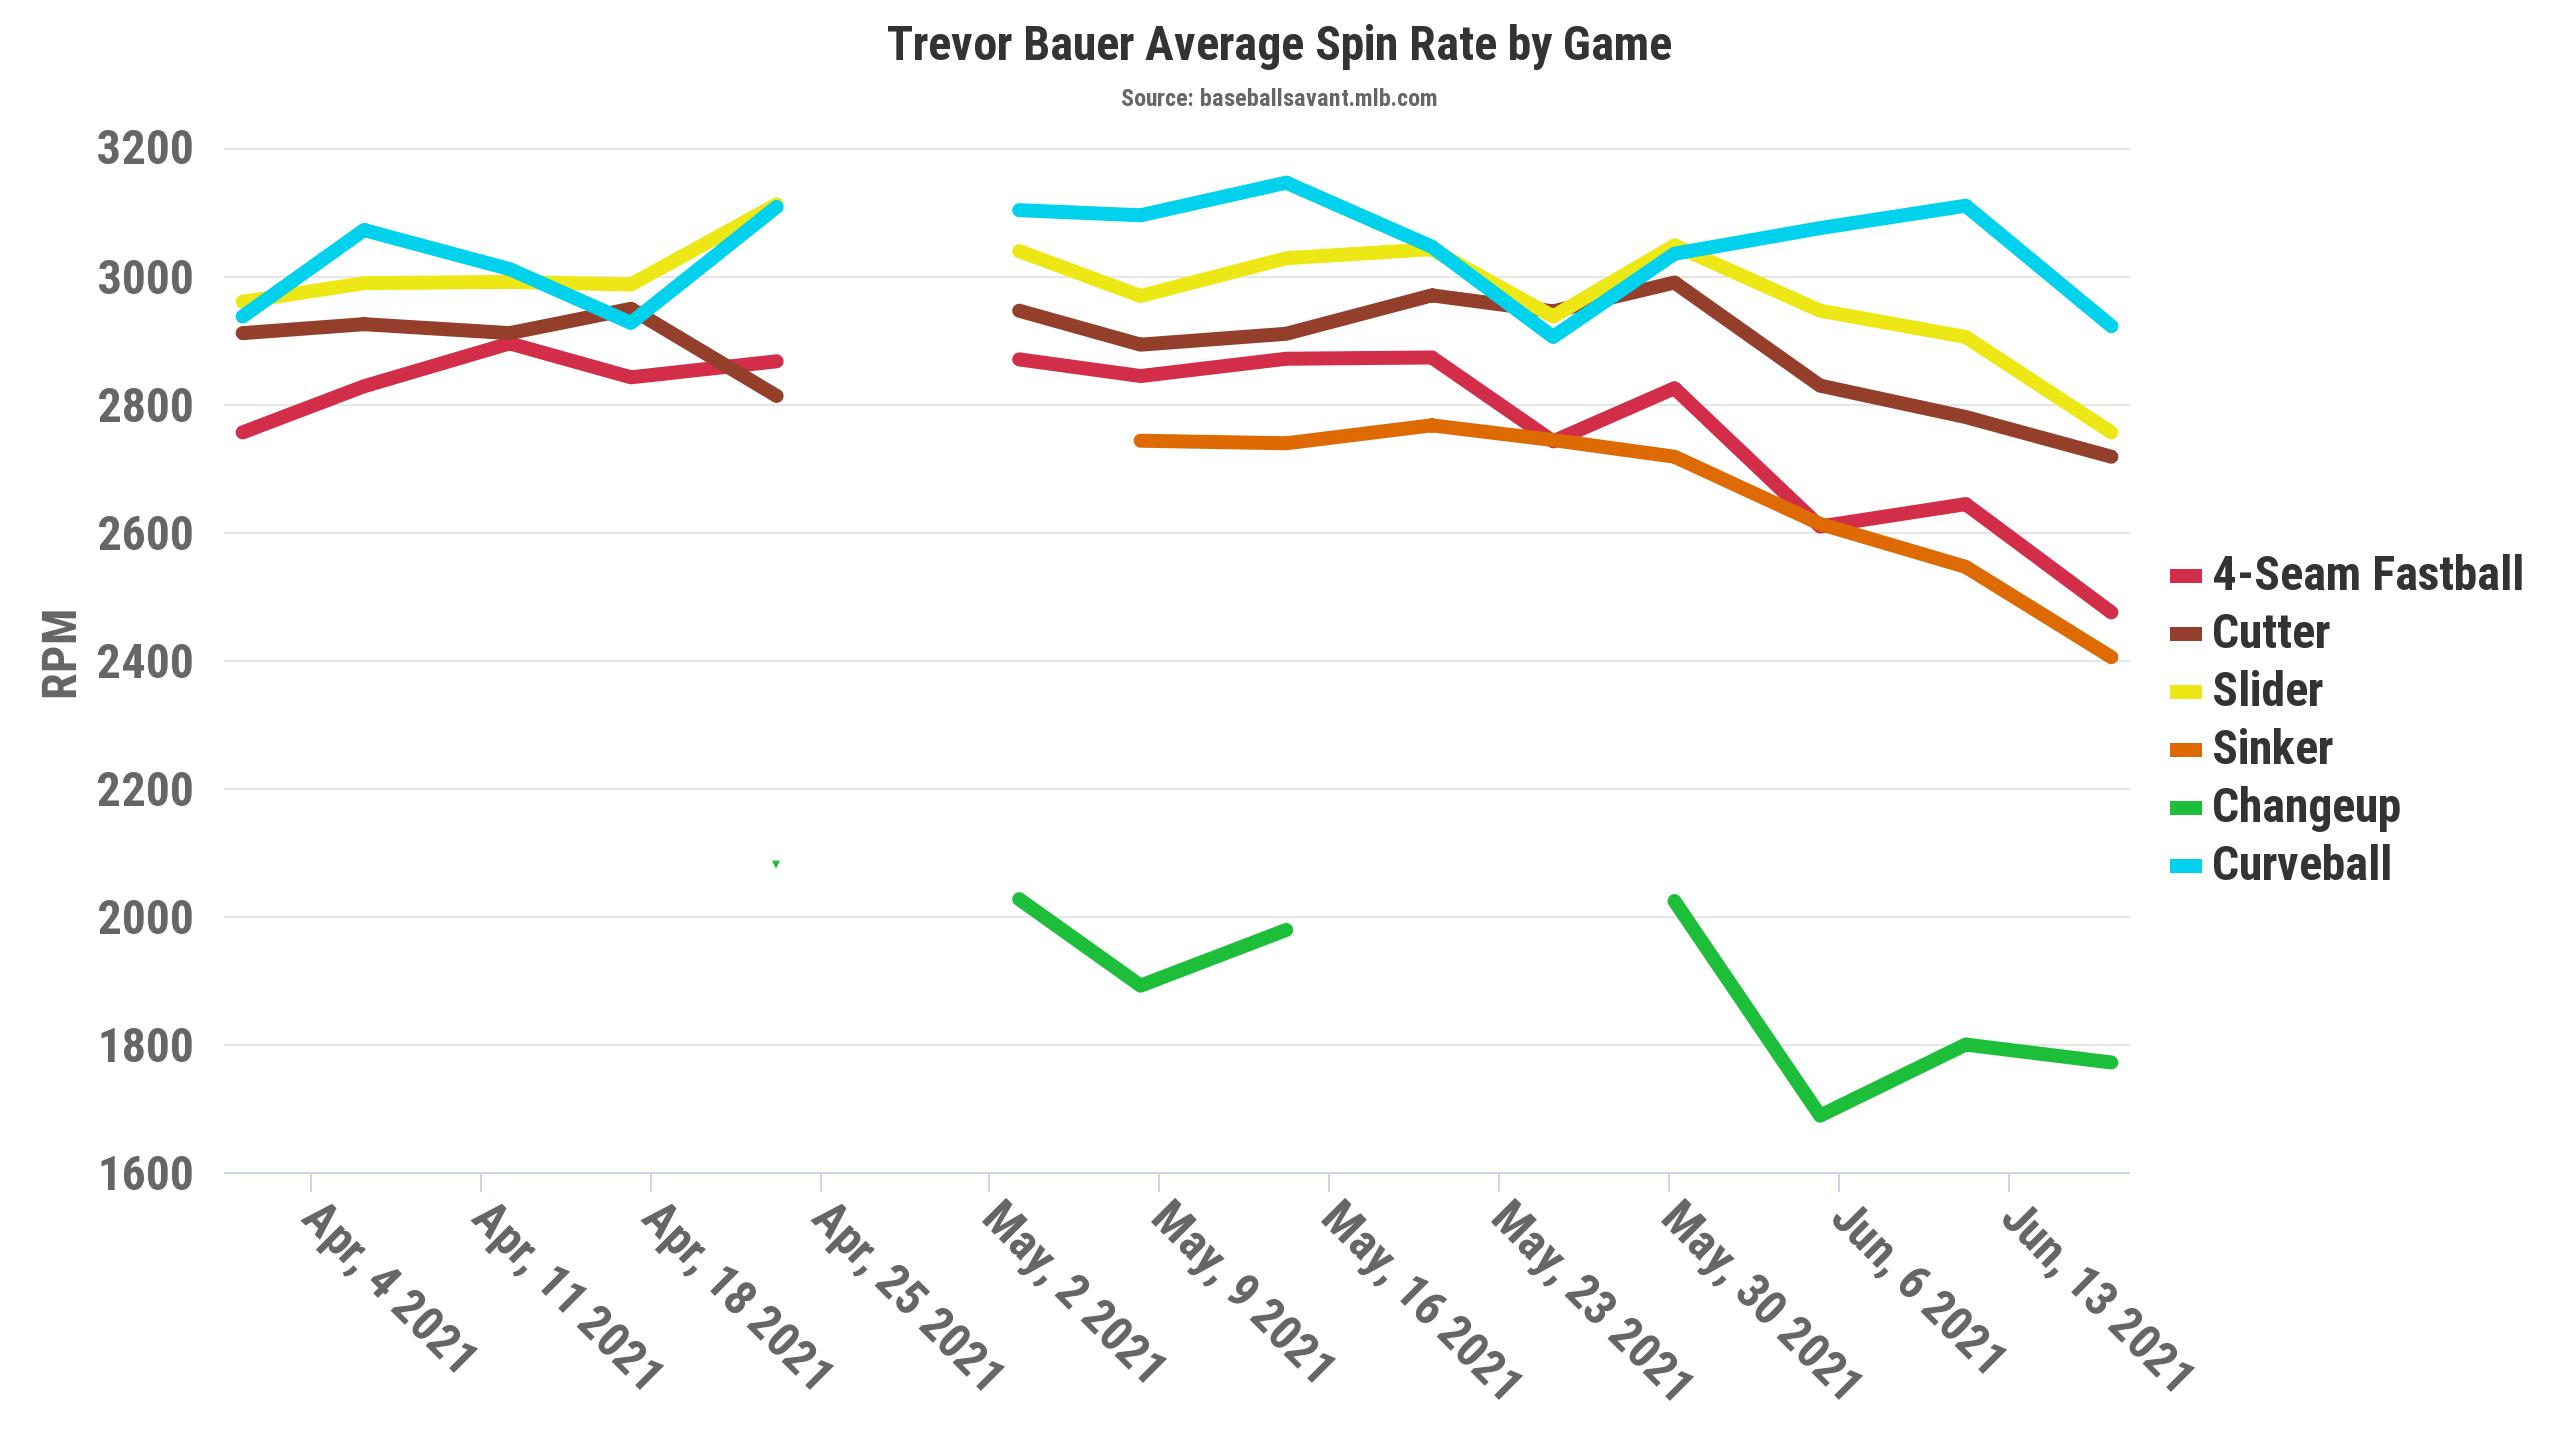 Trevor Bauer Statcast Spin Rates